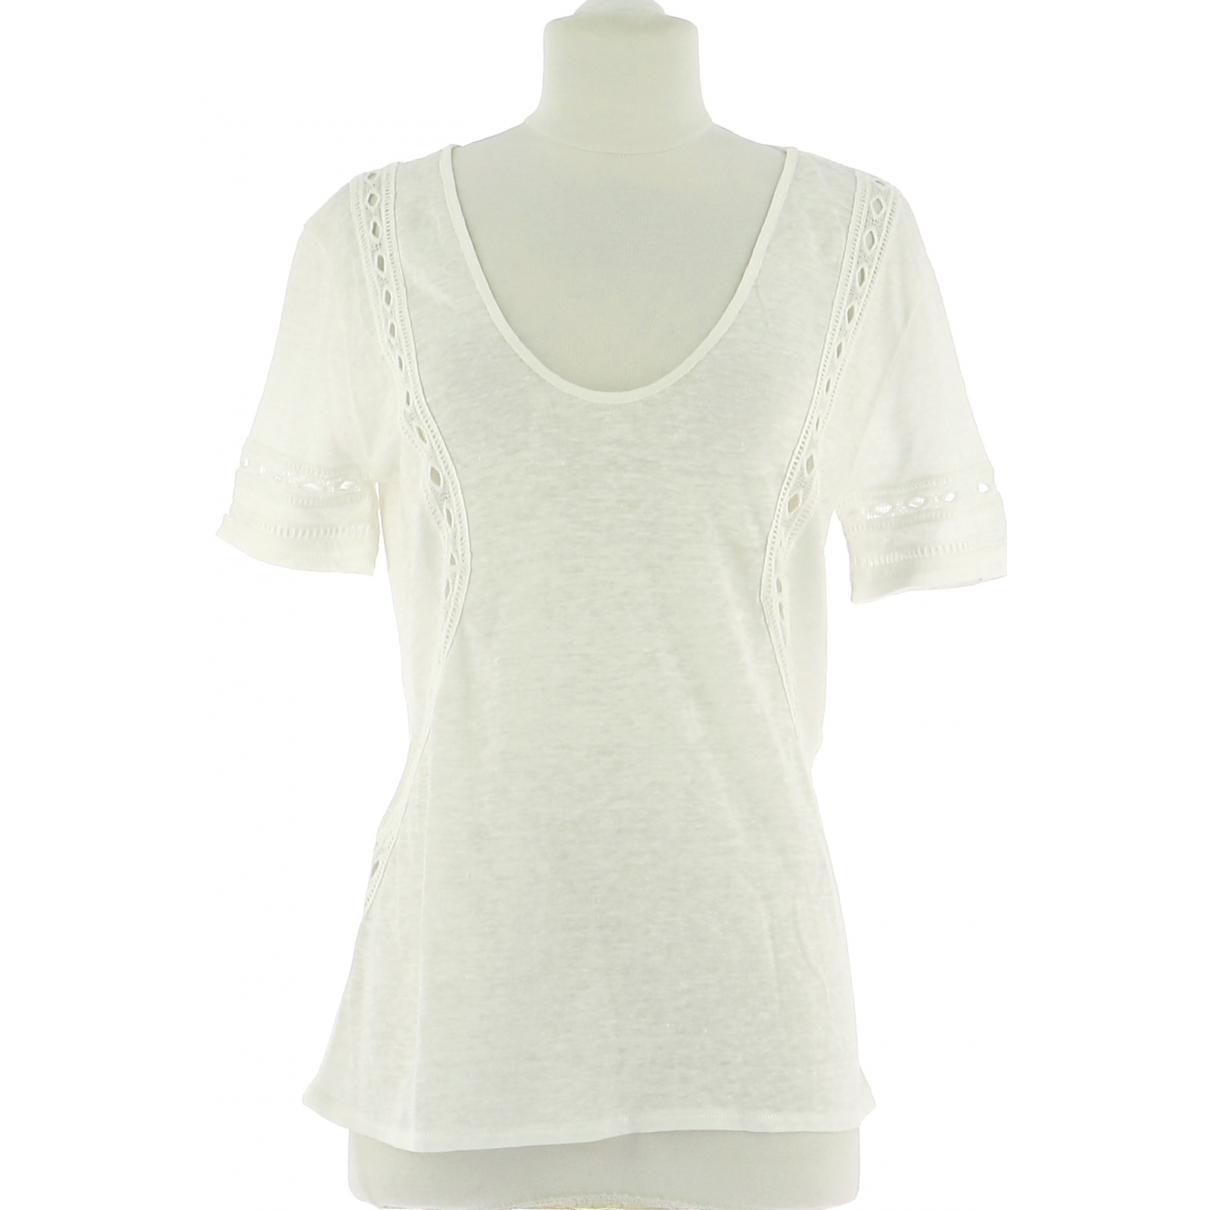 Ikks - Top   pour femme en lin - blanc